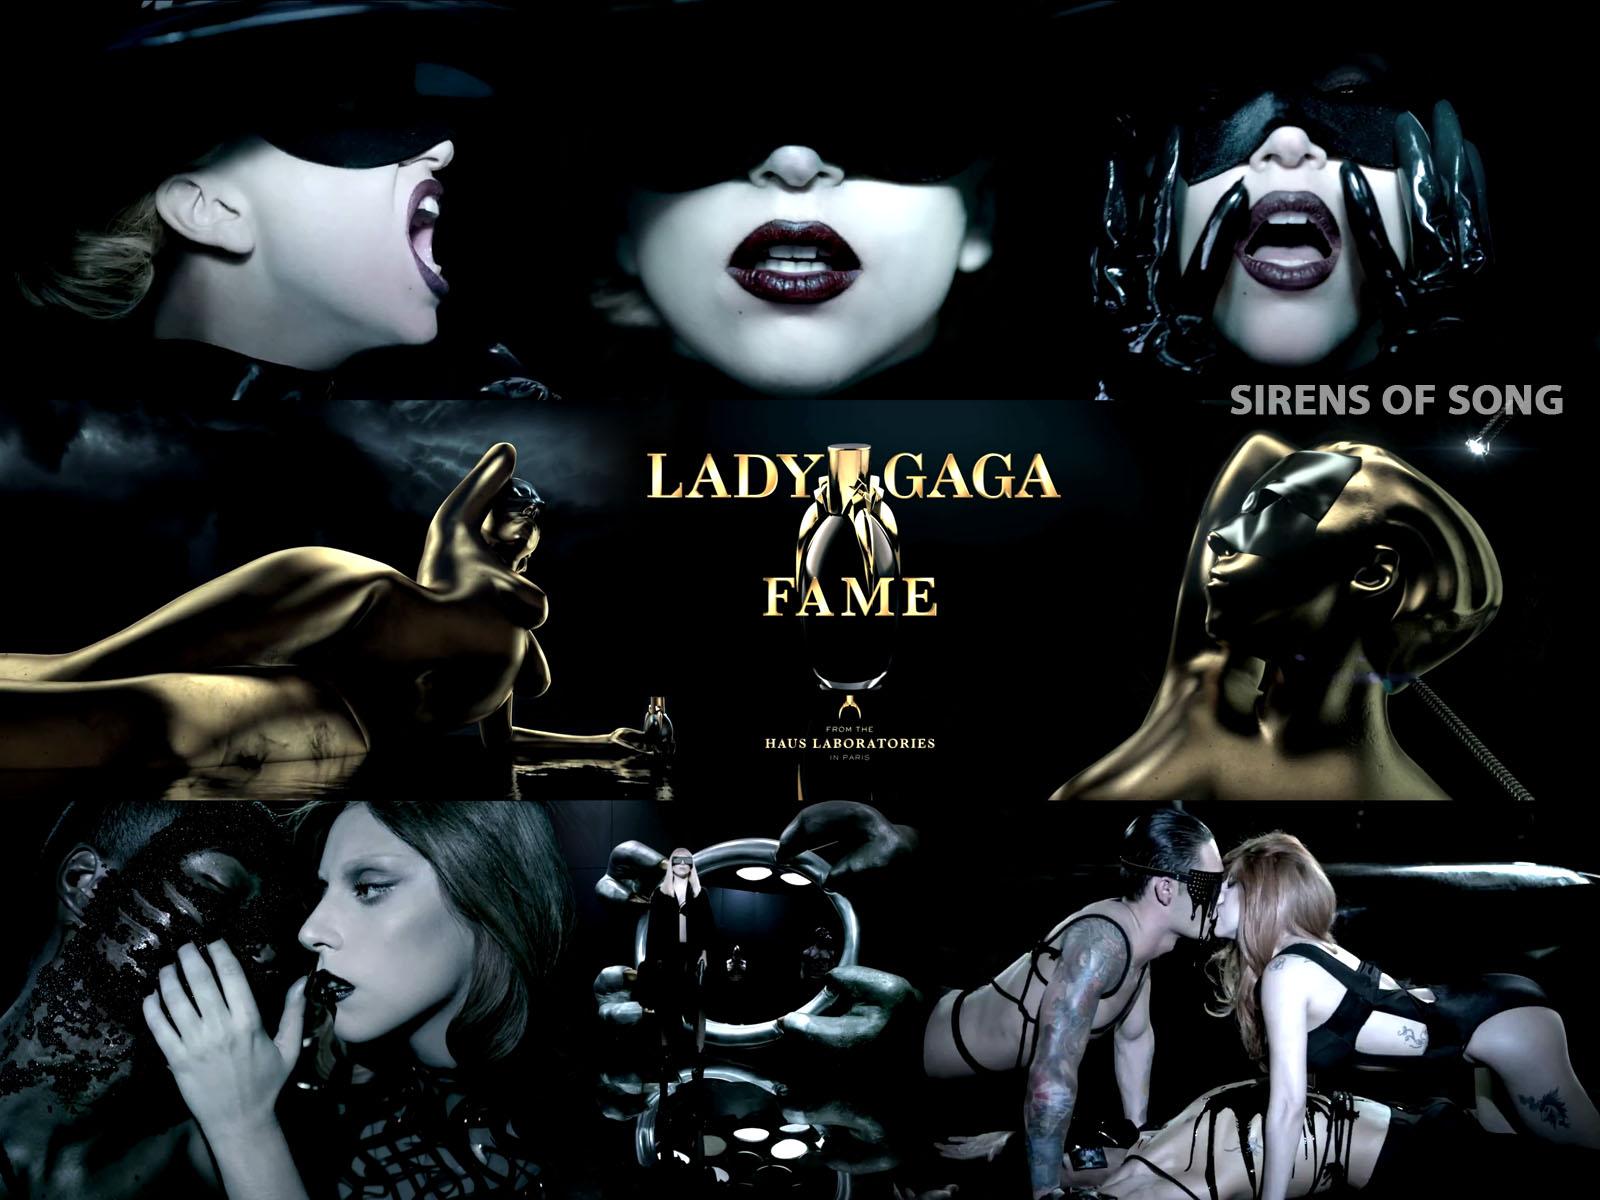 Nữ hoàng bóng đêm của Lady Gaga khiến phụ nữ muôn phần gợi cảm - 3